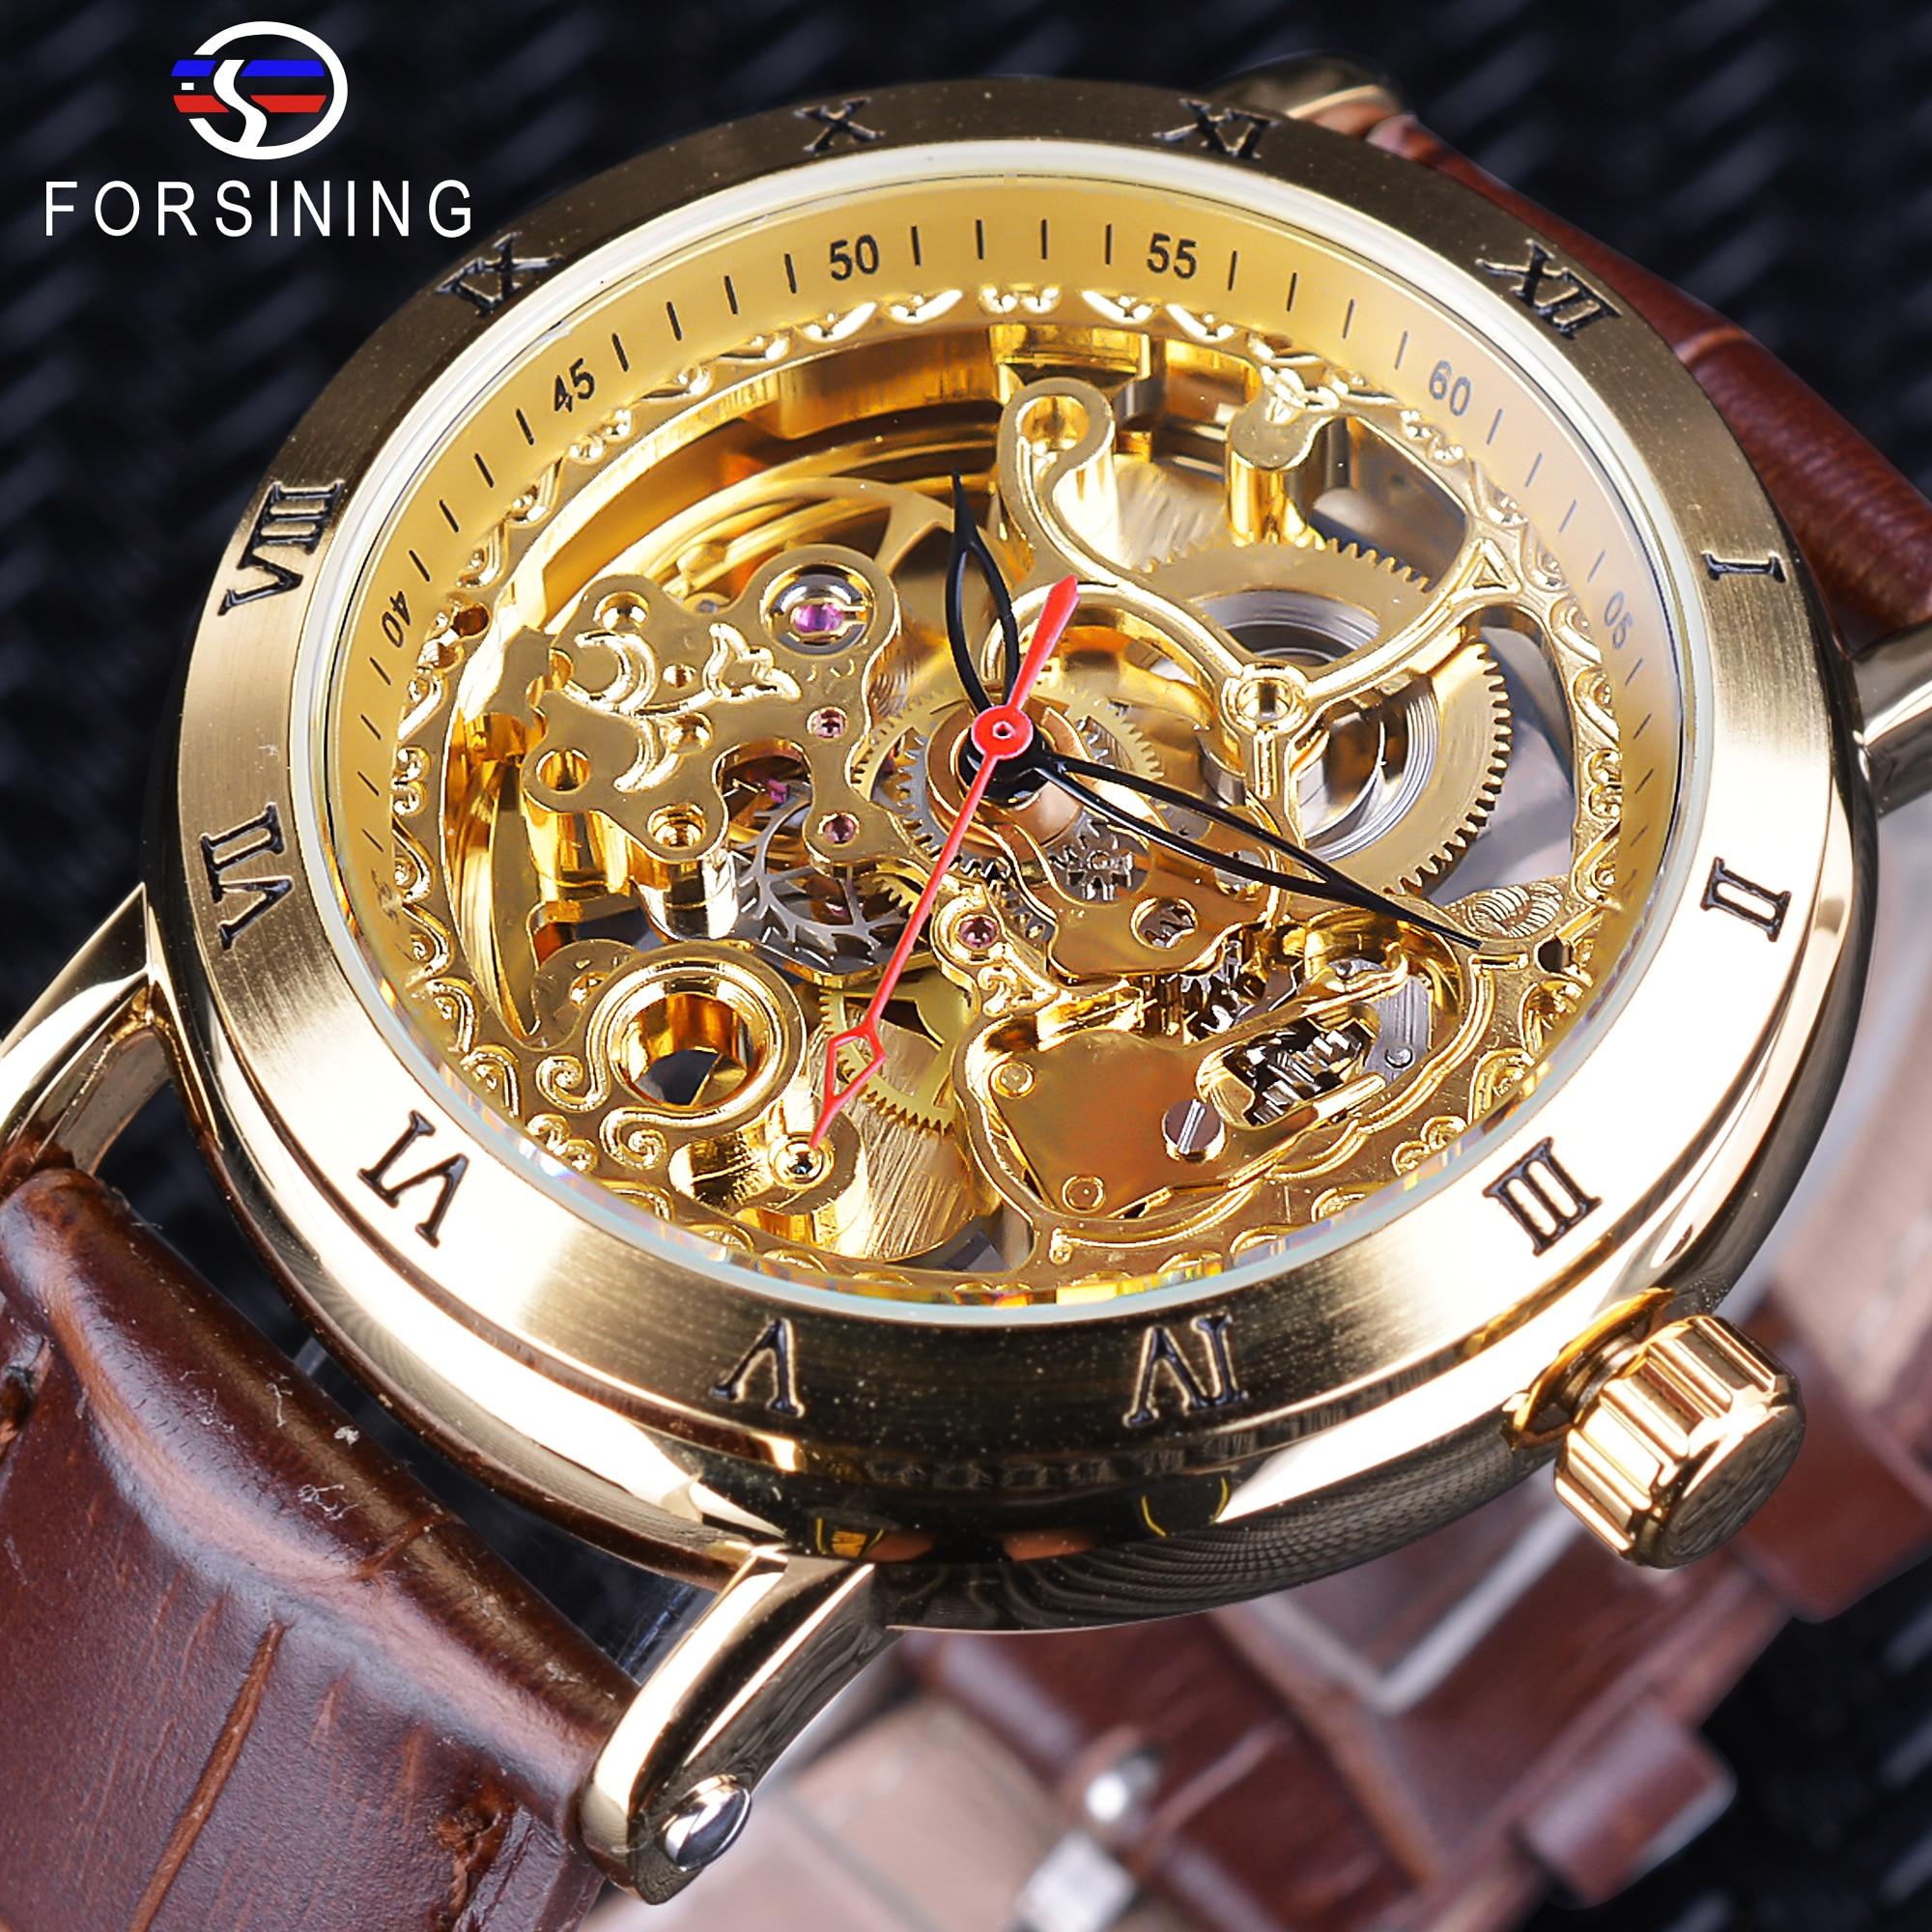 Forsining Ретро Золотой цветок роскошные часы Скелет Hollow Механические наручные часы коричневый кожаный пояс черный красный указатель